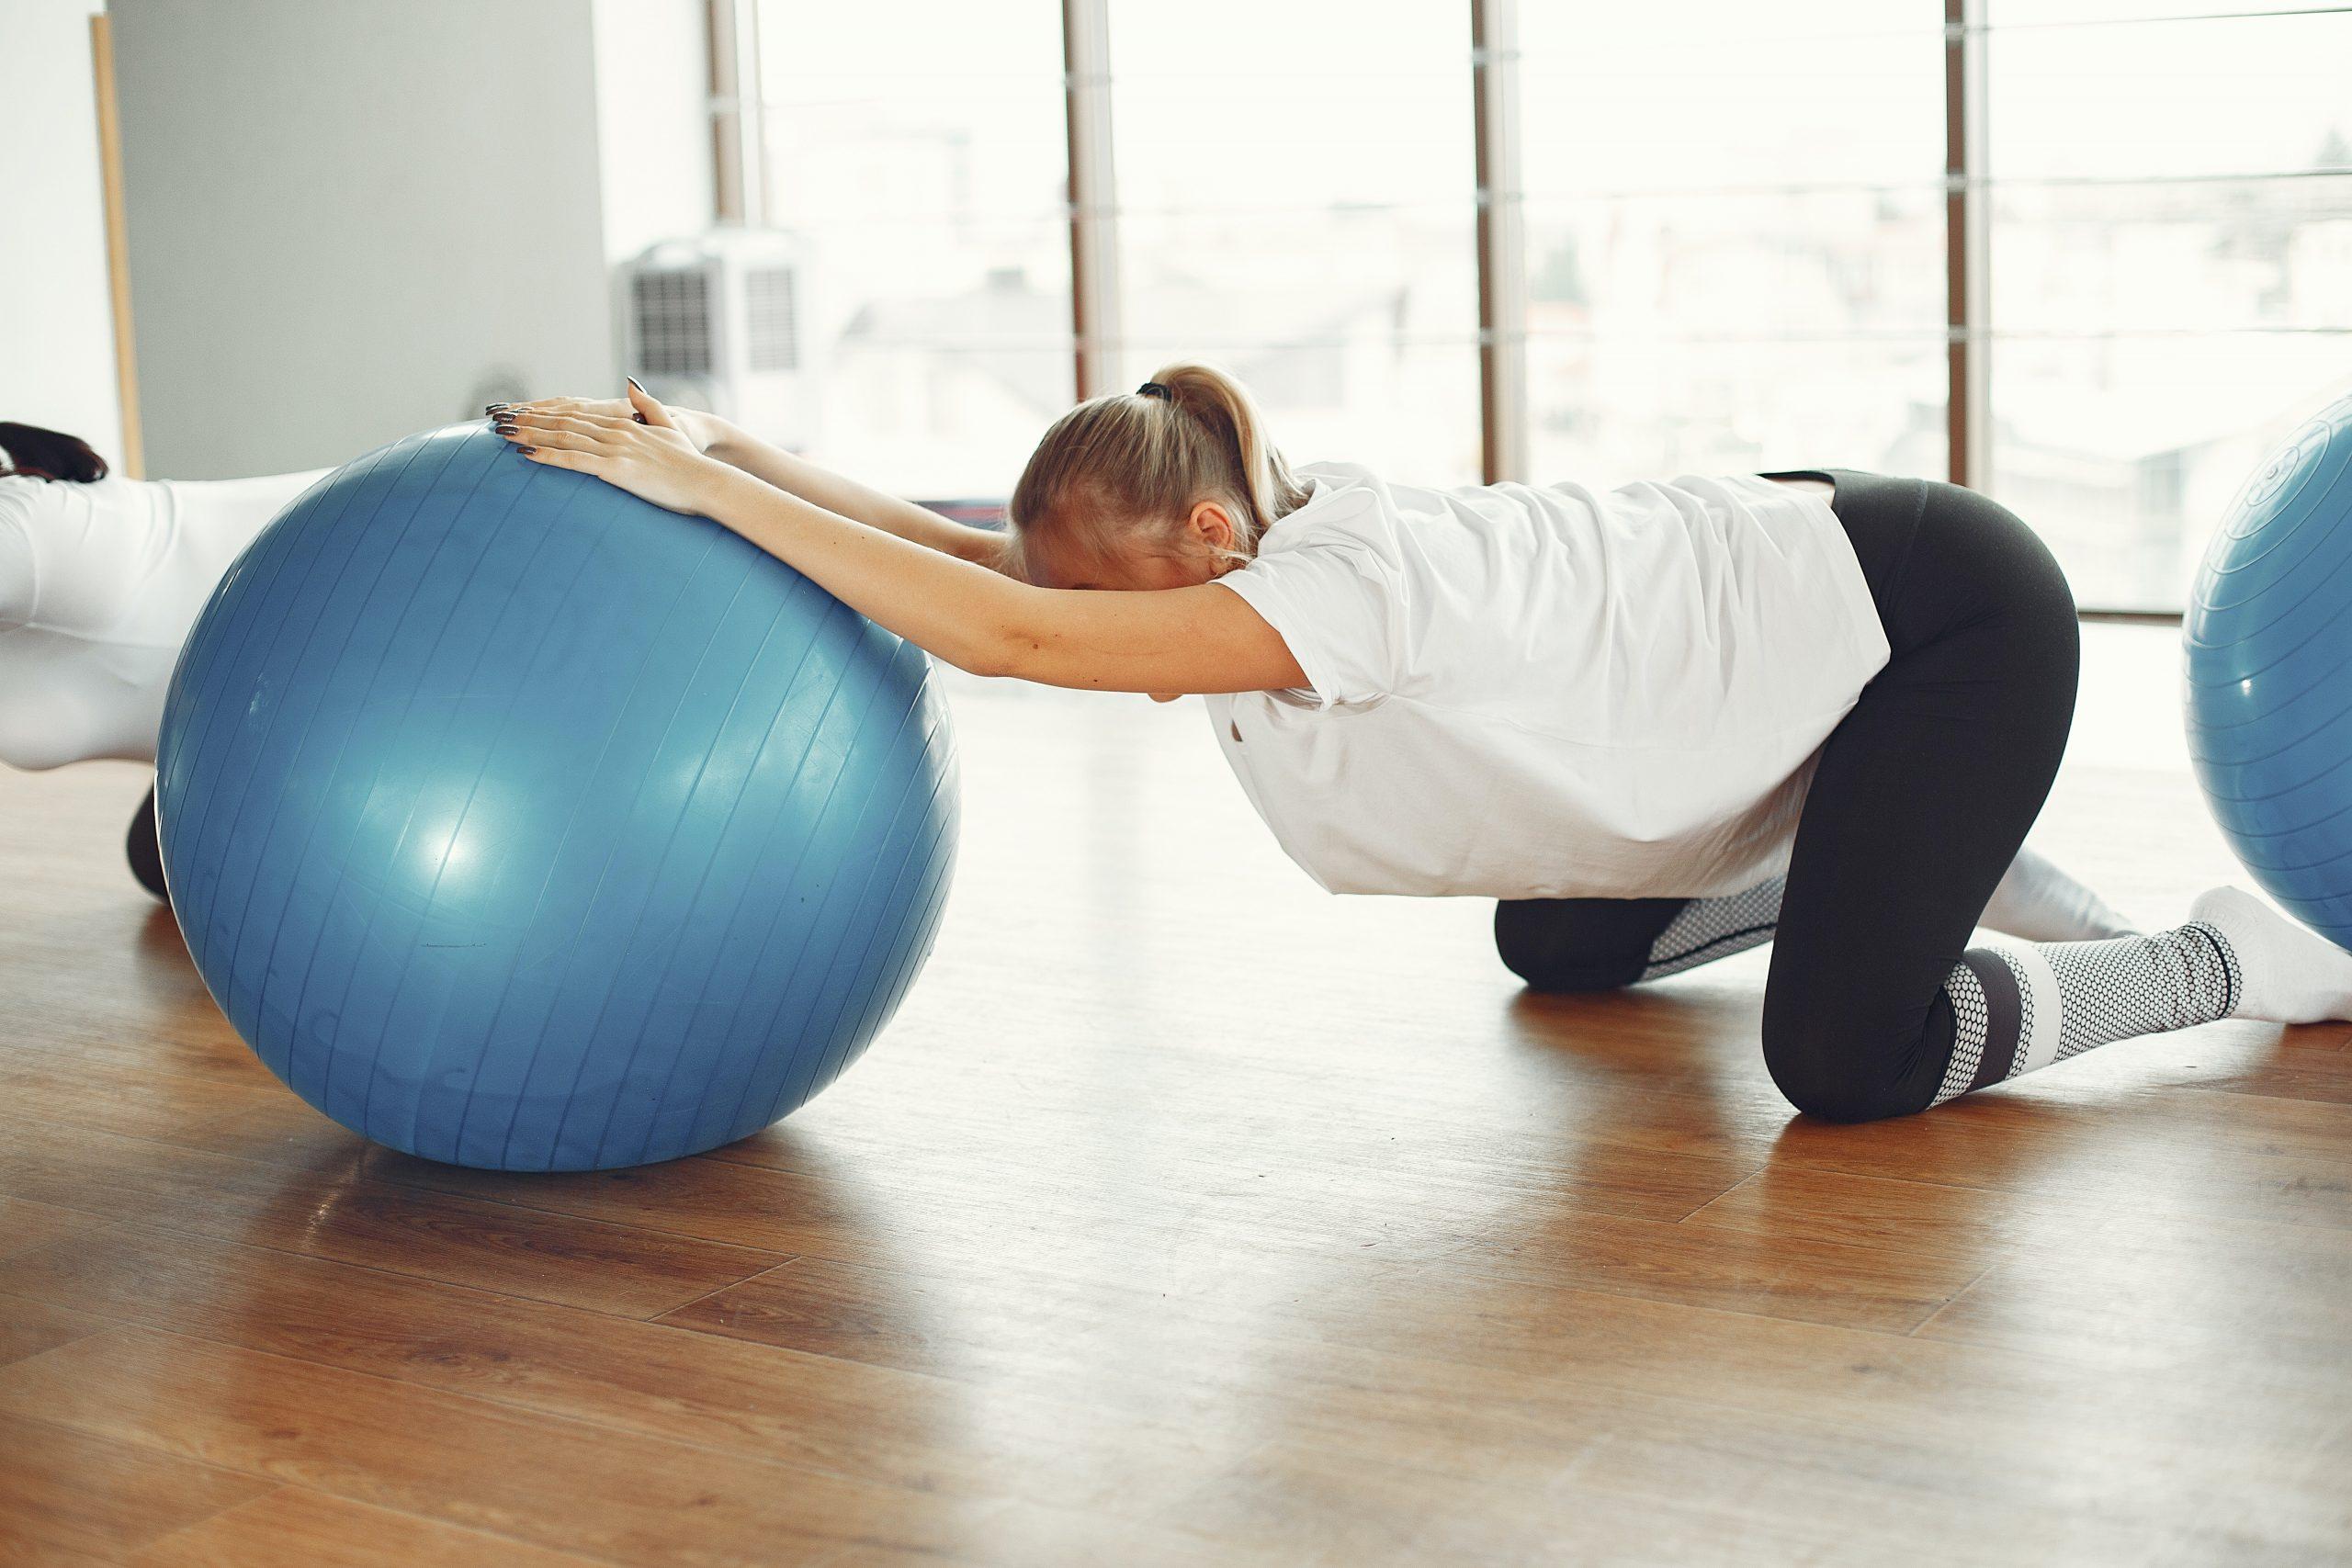 Imagem de uma mulher fazendo exercícios de pilates.